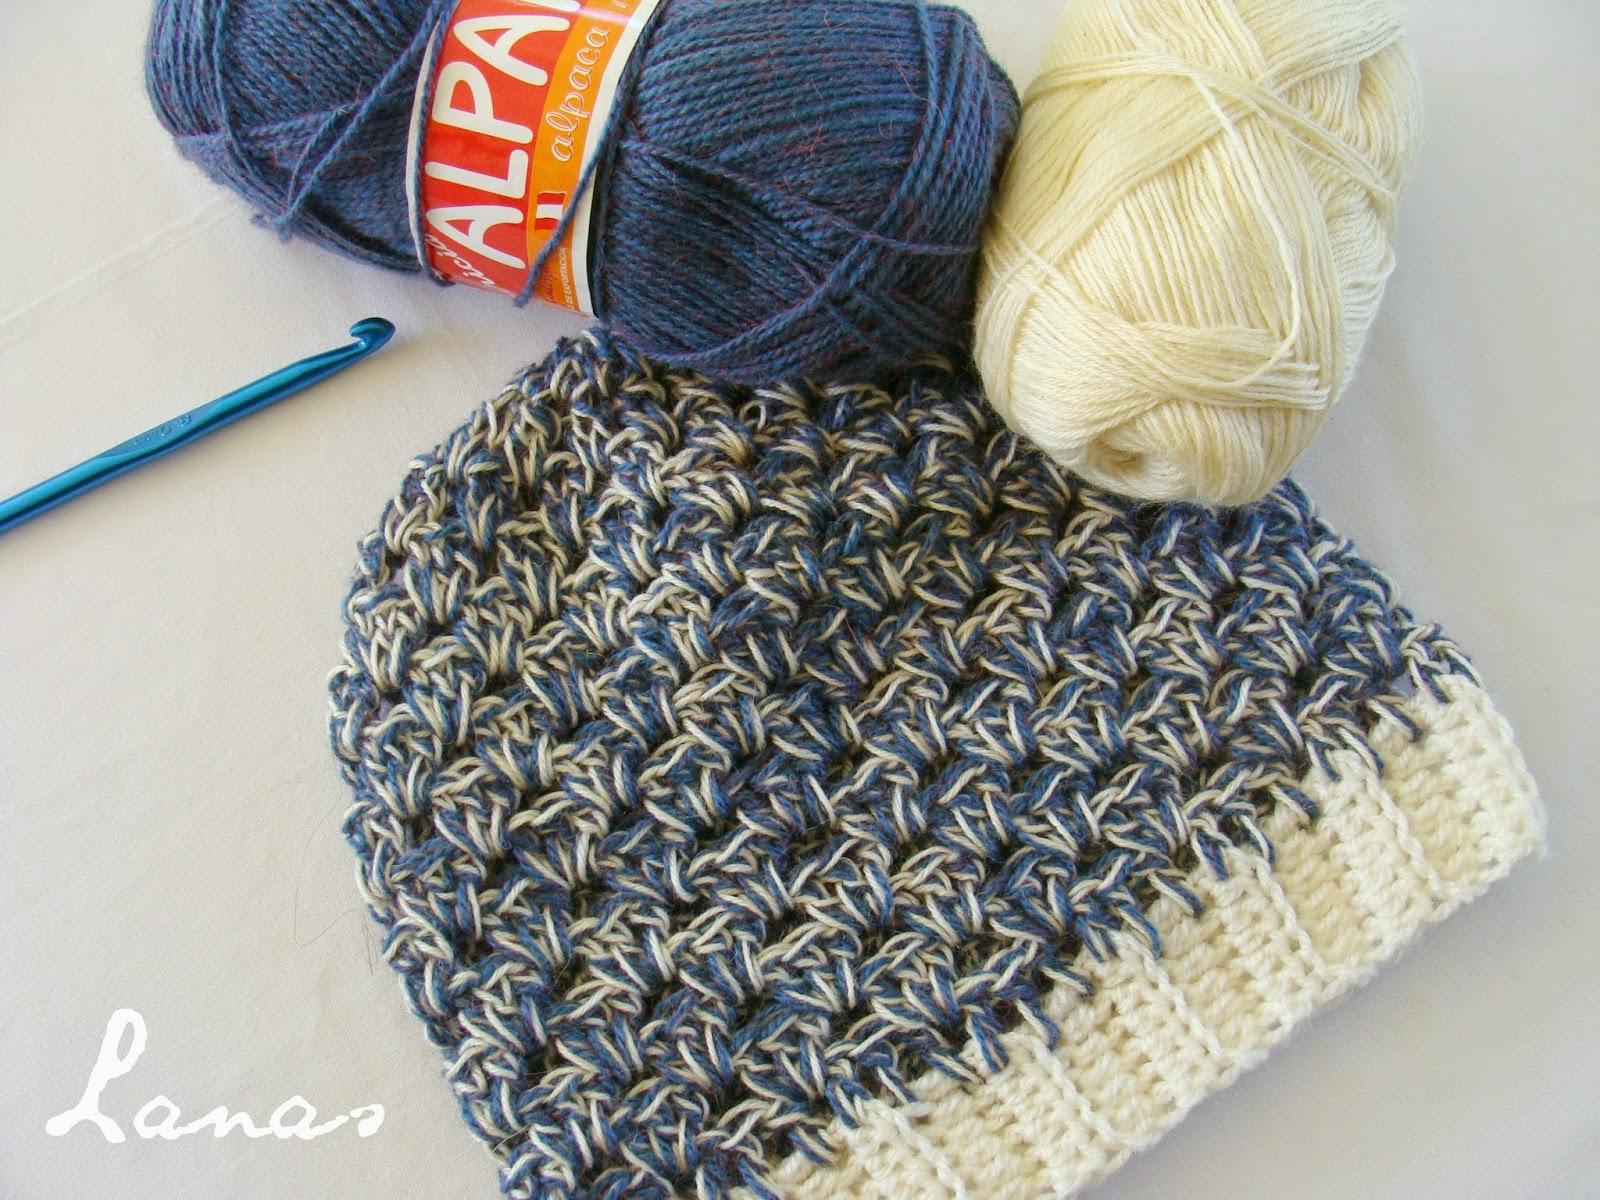 Lanas de Ana: Crochet Beanies and Cowls